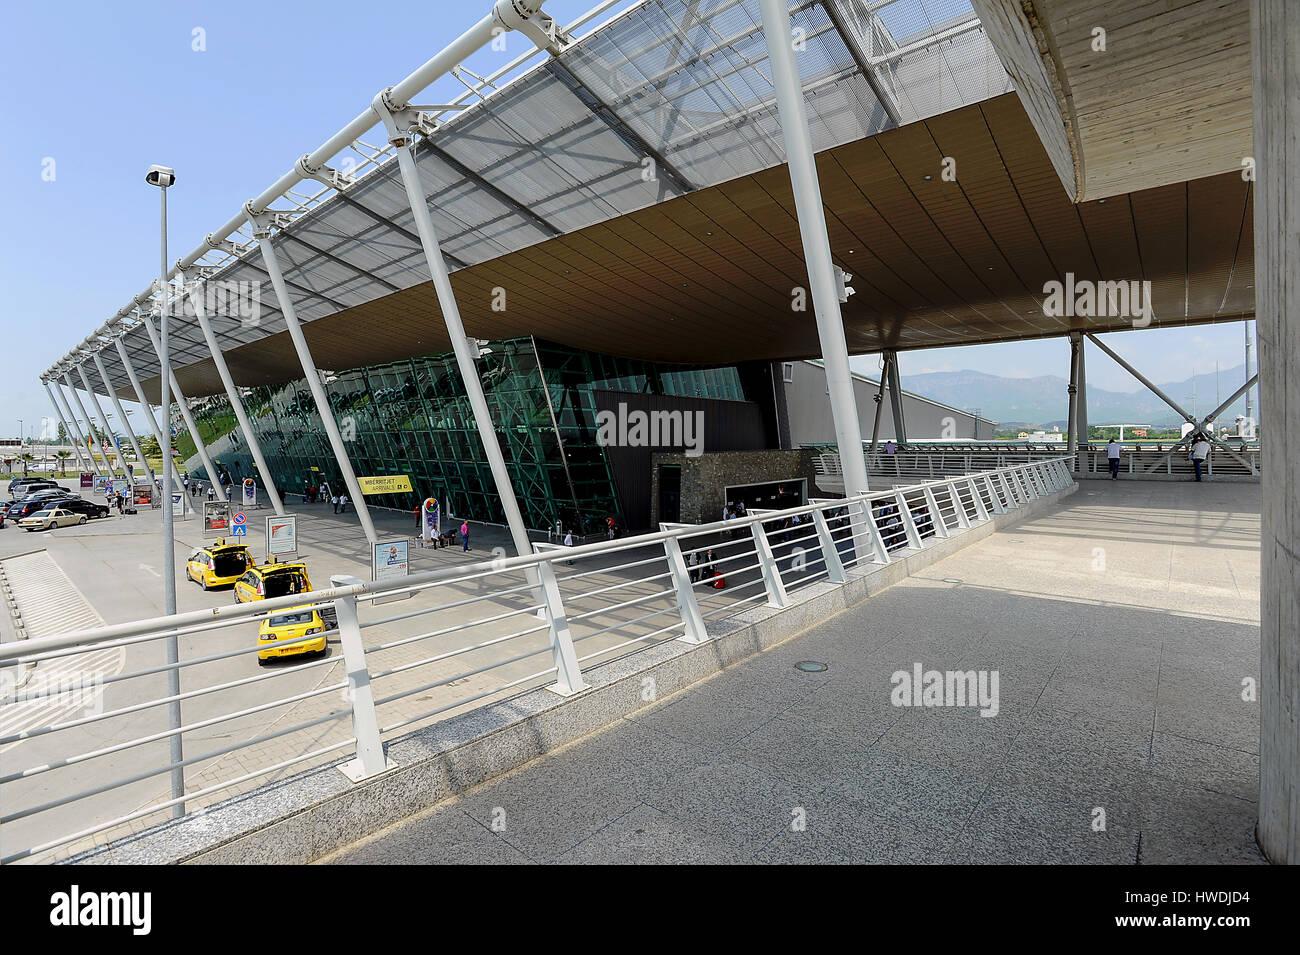 Tirana, Albania, Tirana Airport - Stock Image